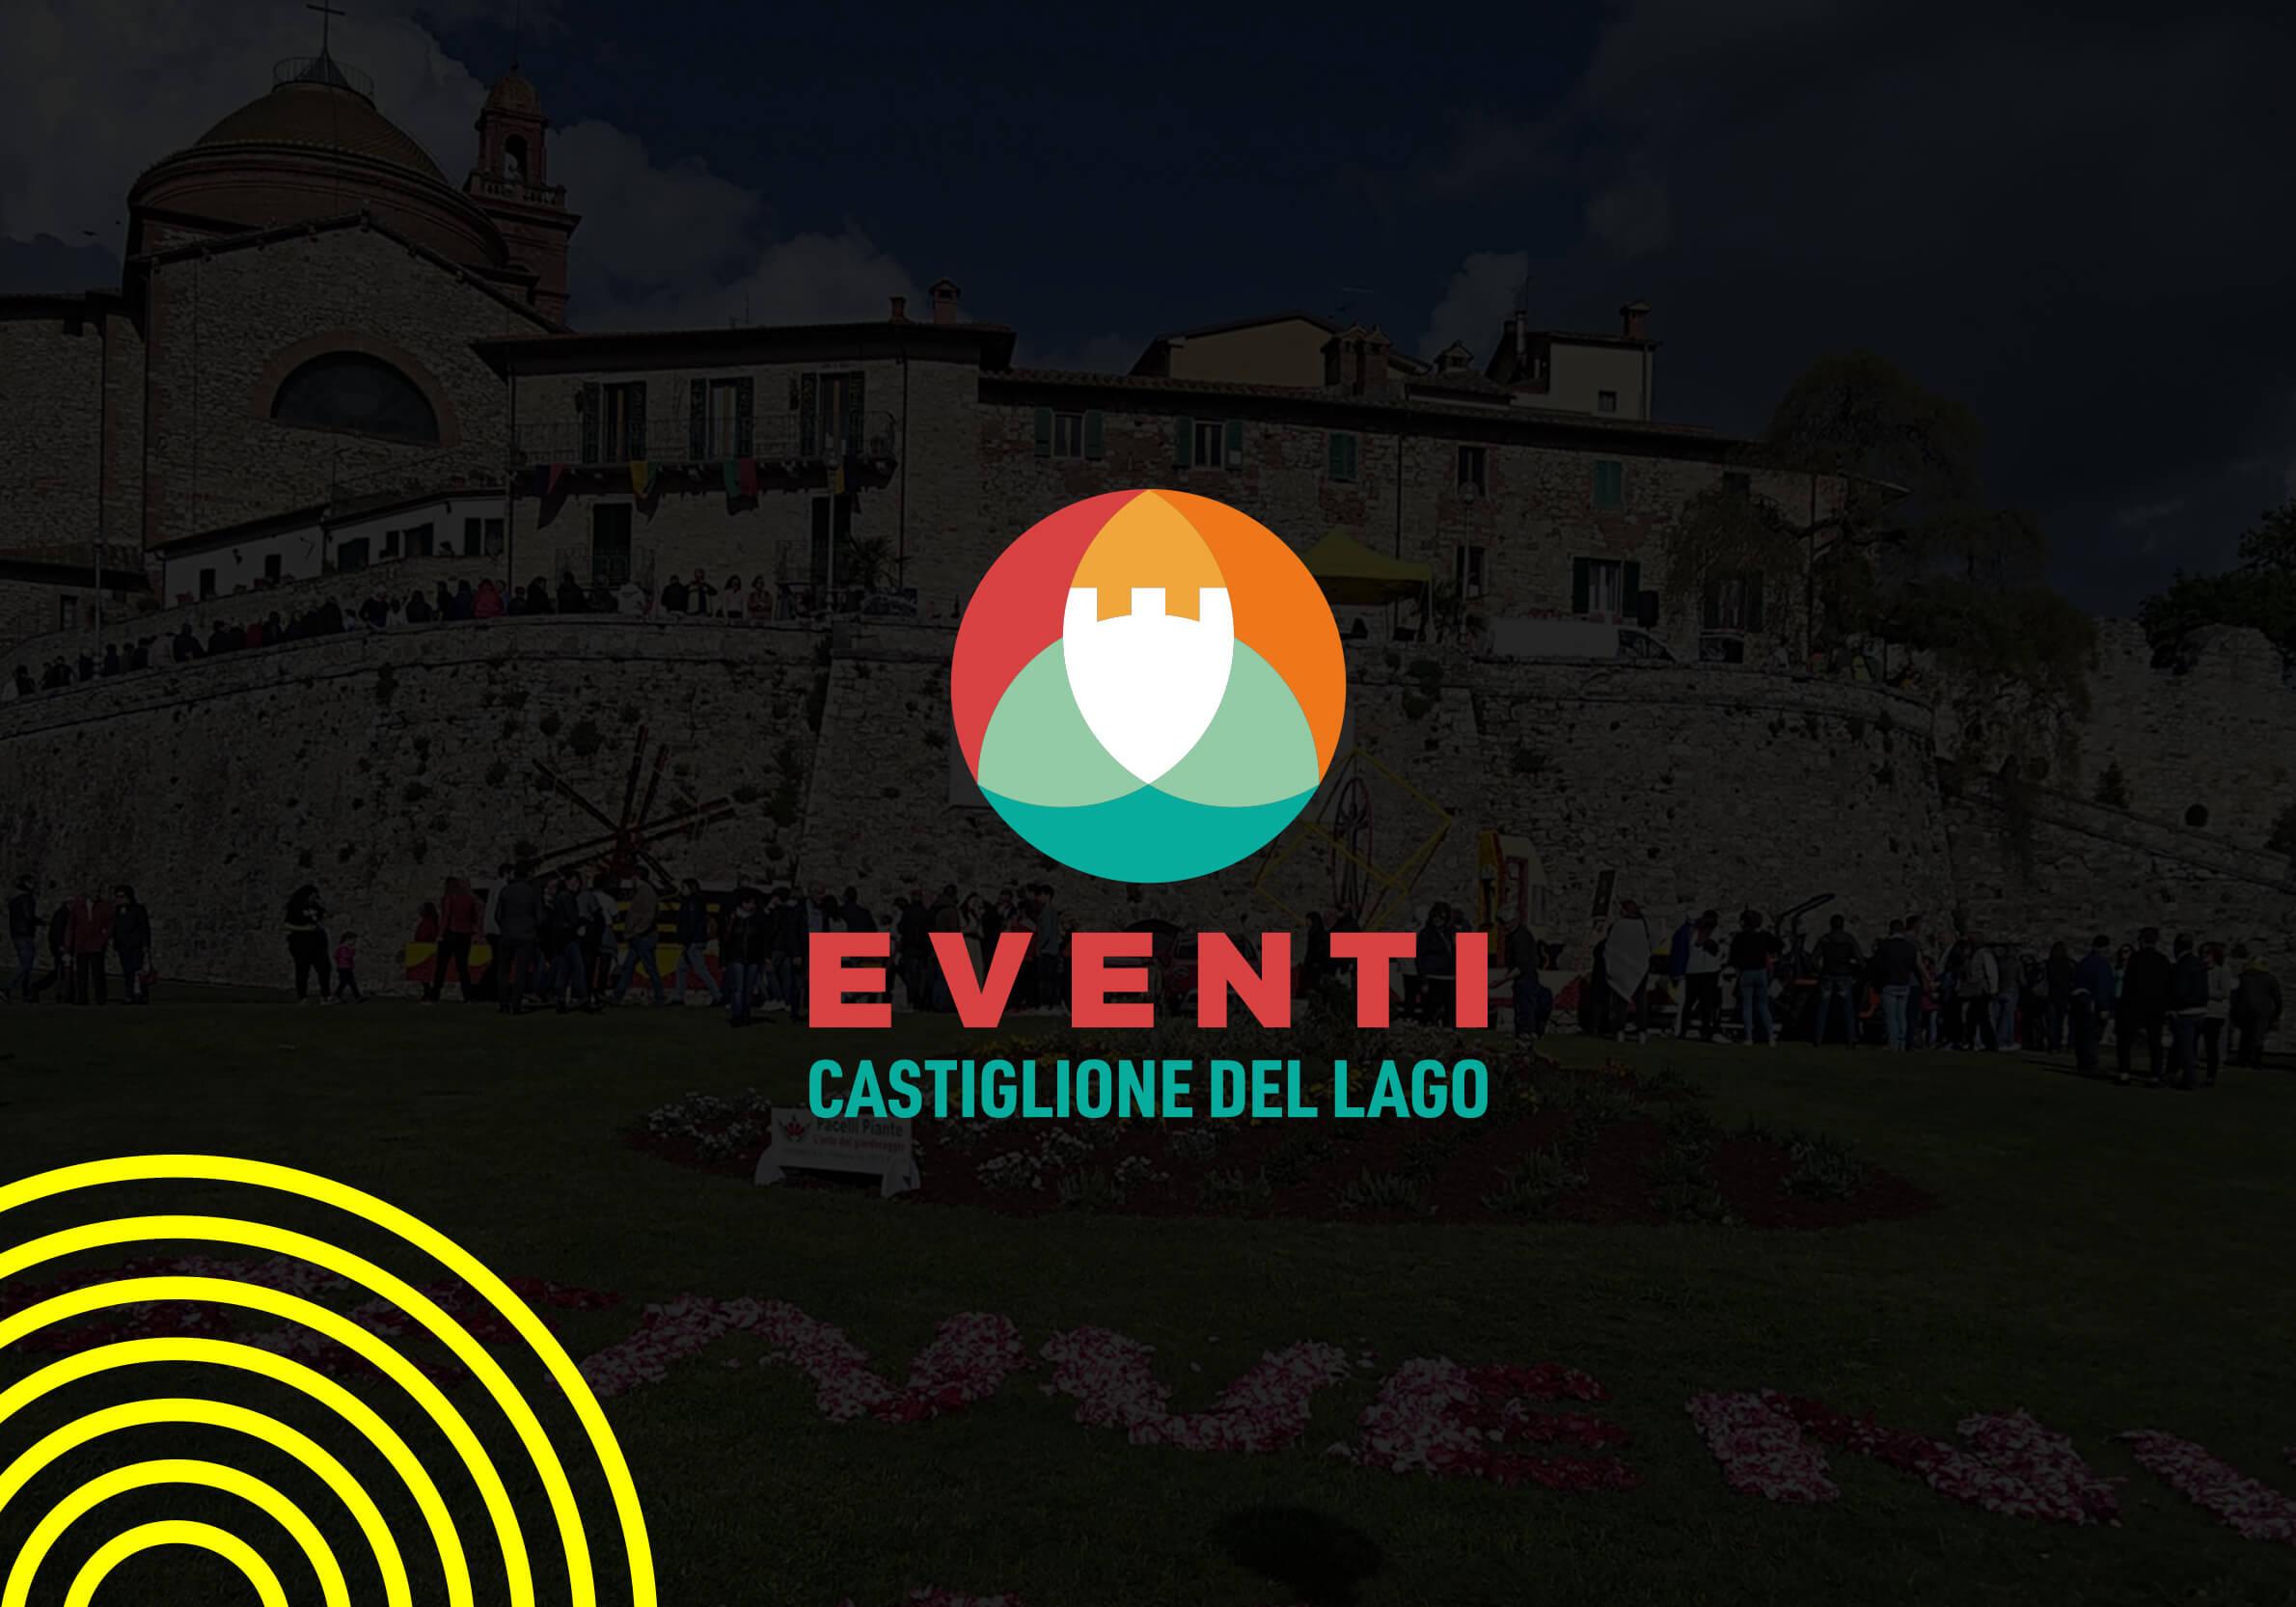 logo-associazione-eventi-castiglione-del-lago